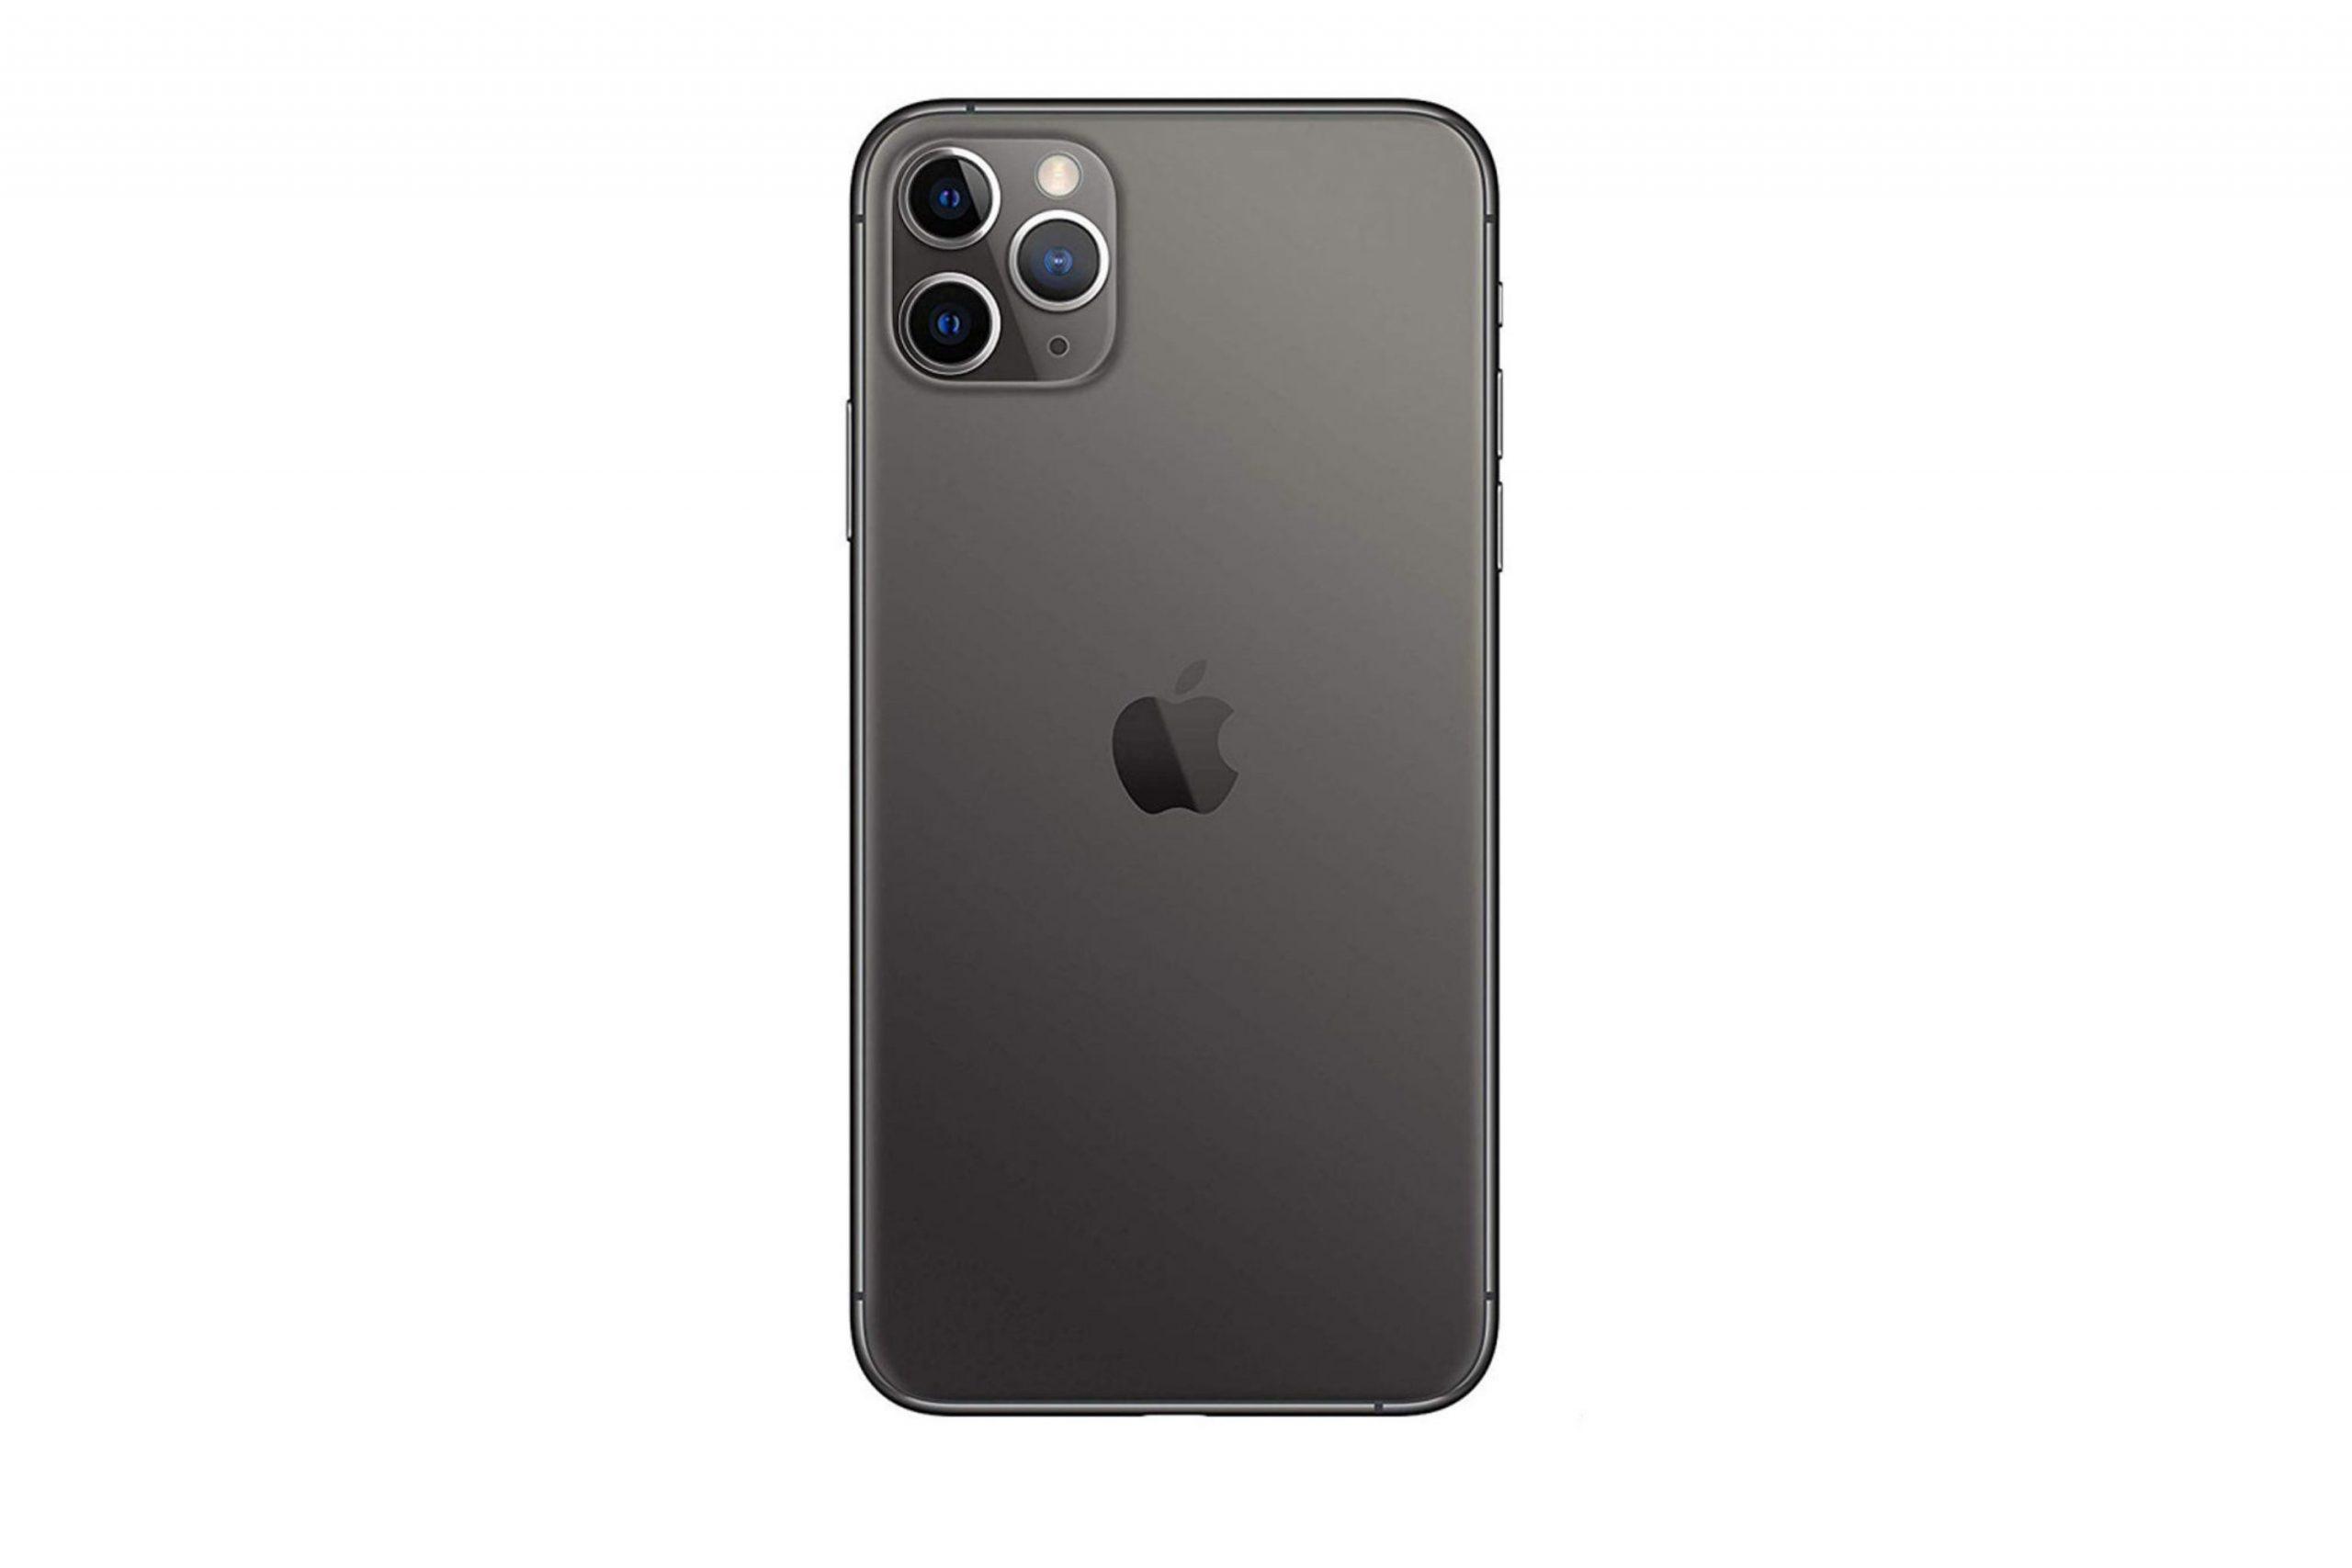 iphone 11 pro max repair in kolkata